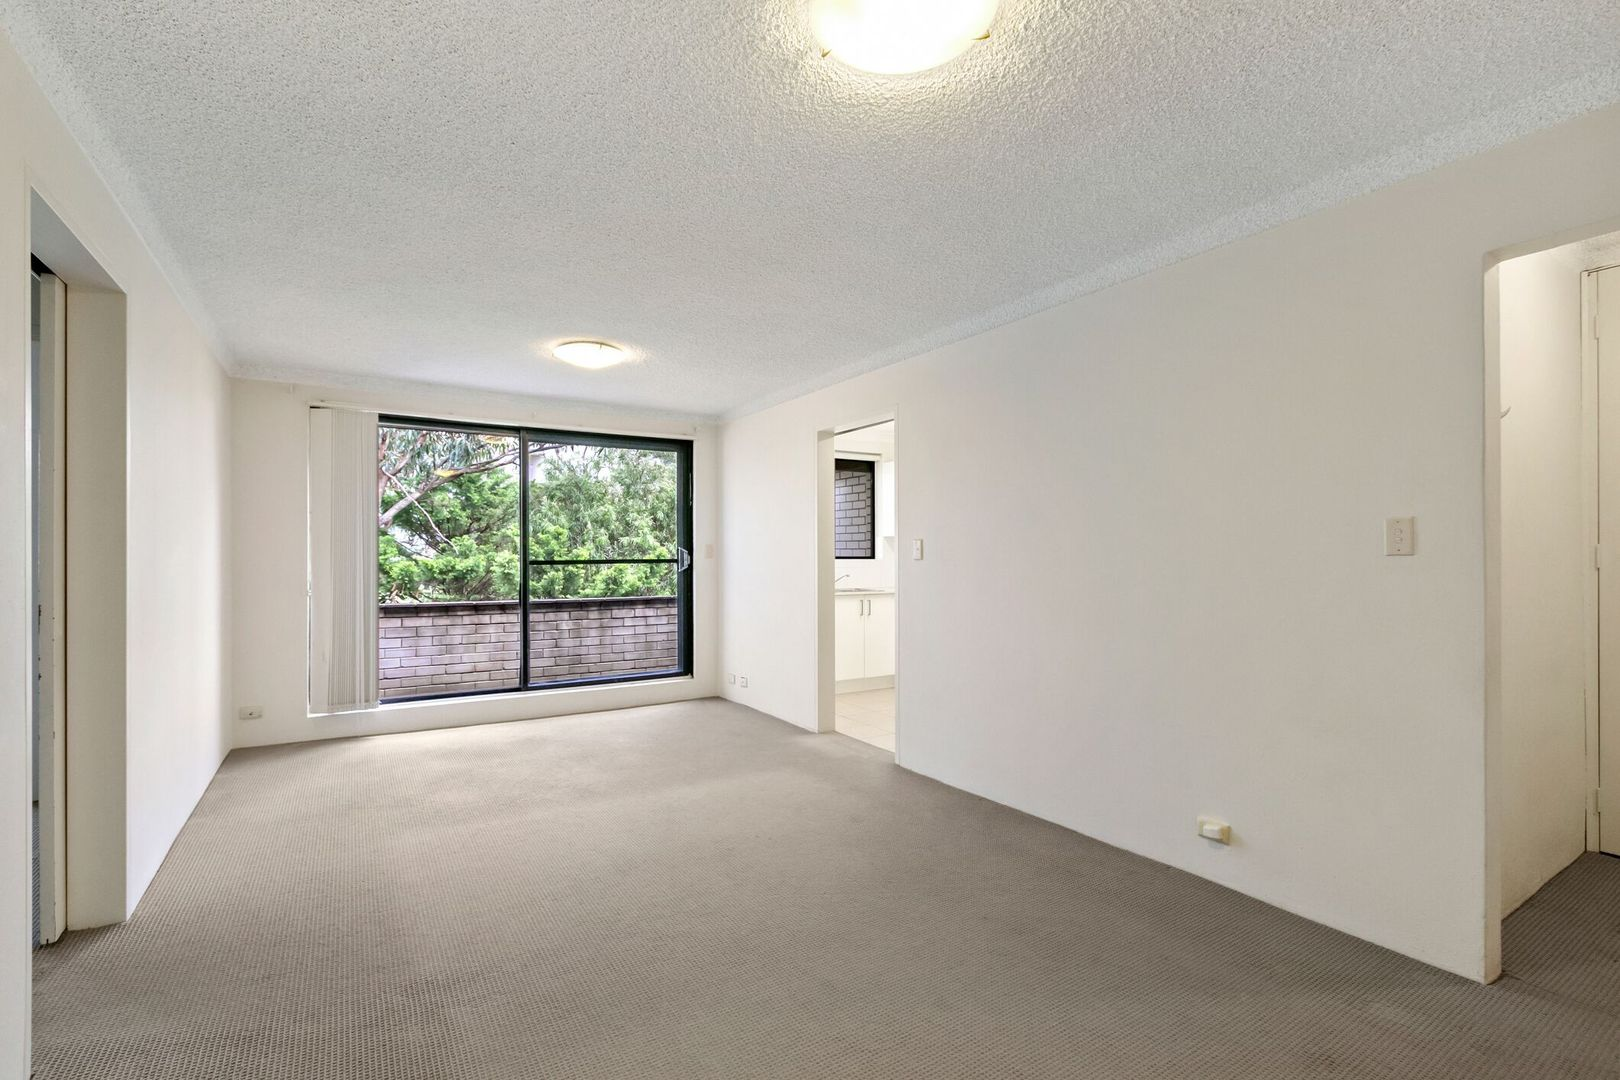 15/4-10 Darling Street, Kensington NSW 2033, Image 2